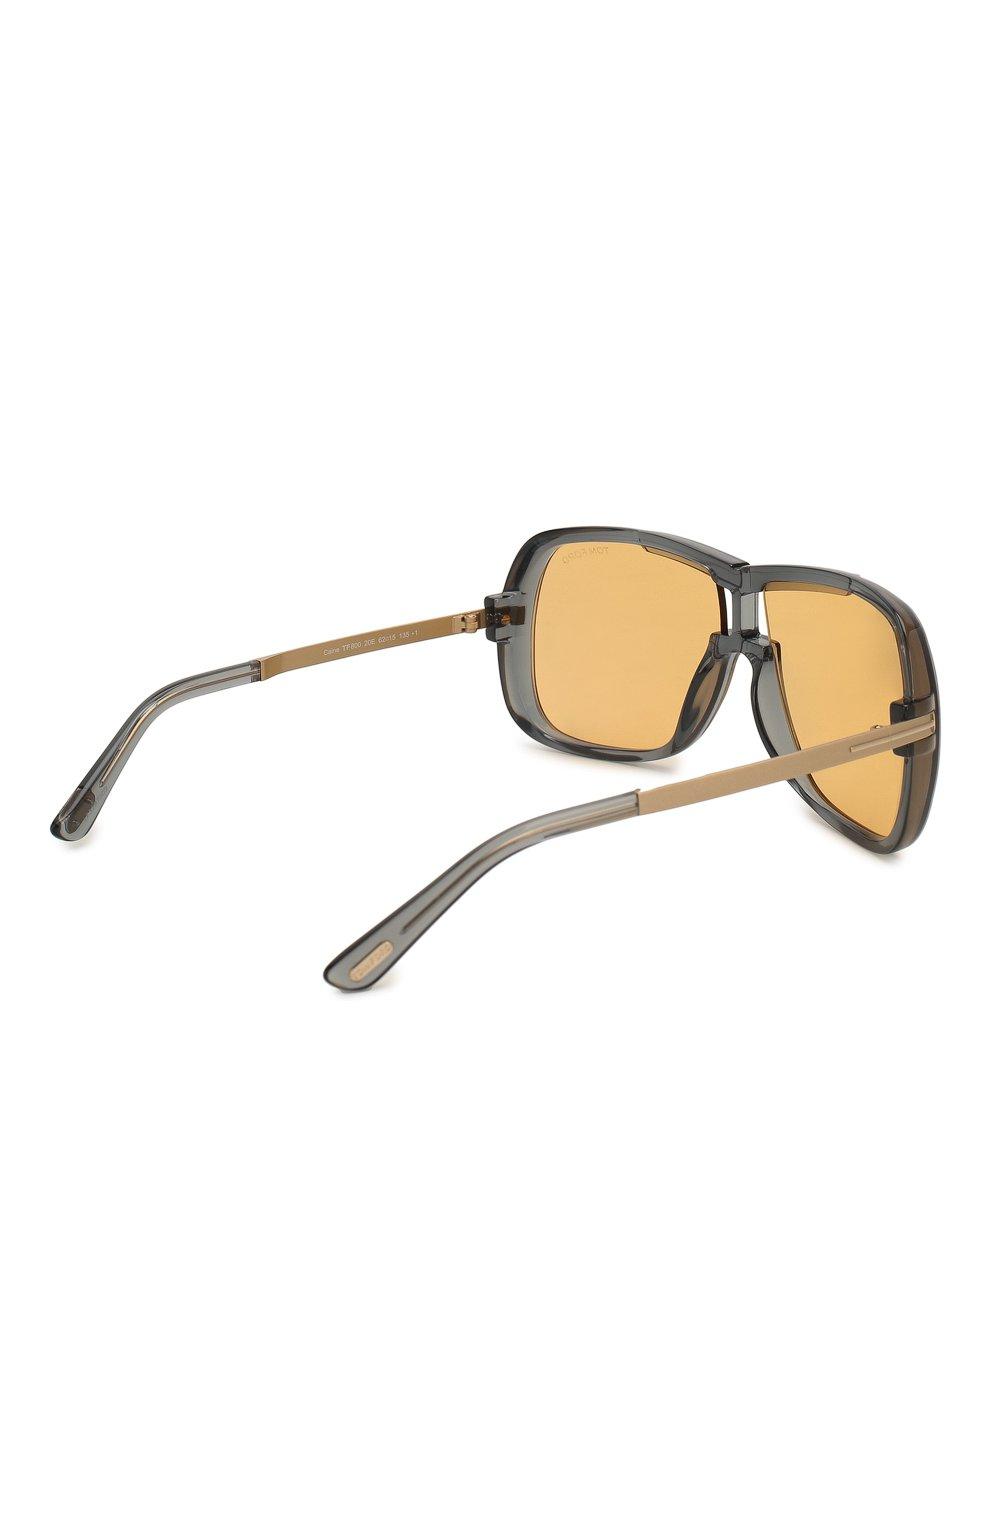 Женские солнцезащитные очки TOM FORD оранжевого цвета, арт. TF800 20E | Фото 5